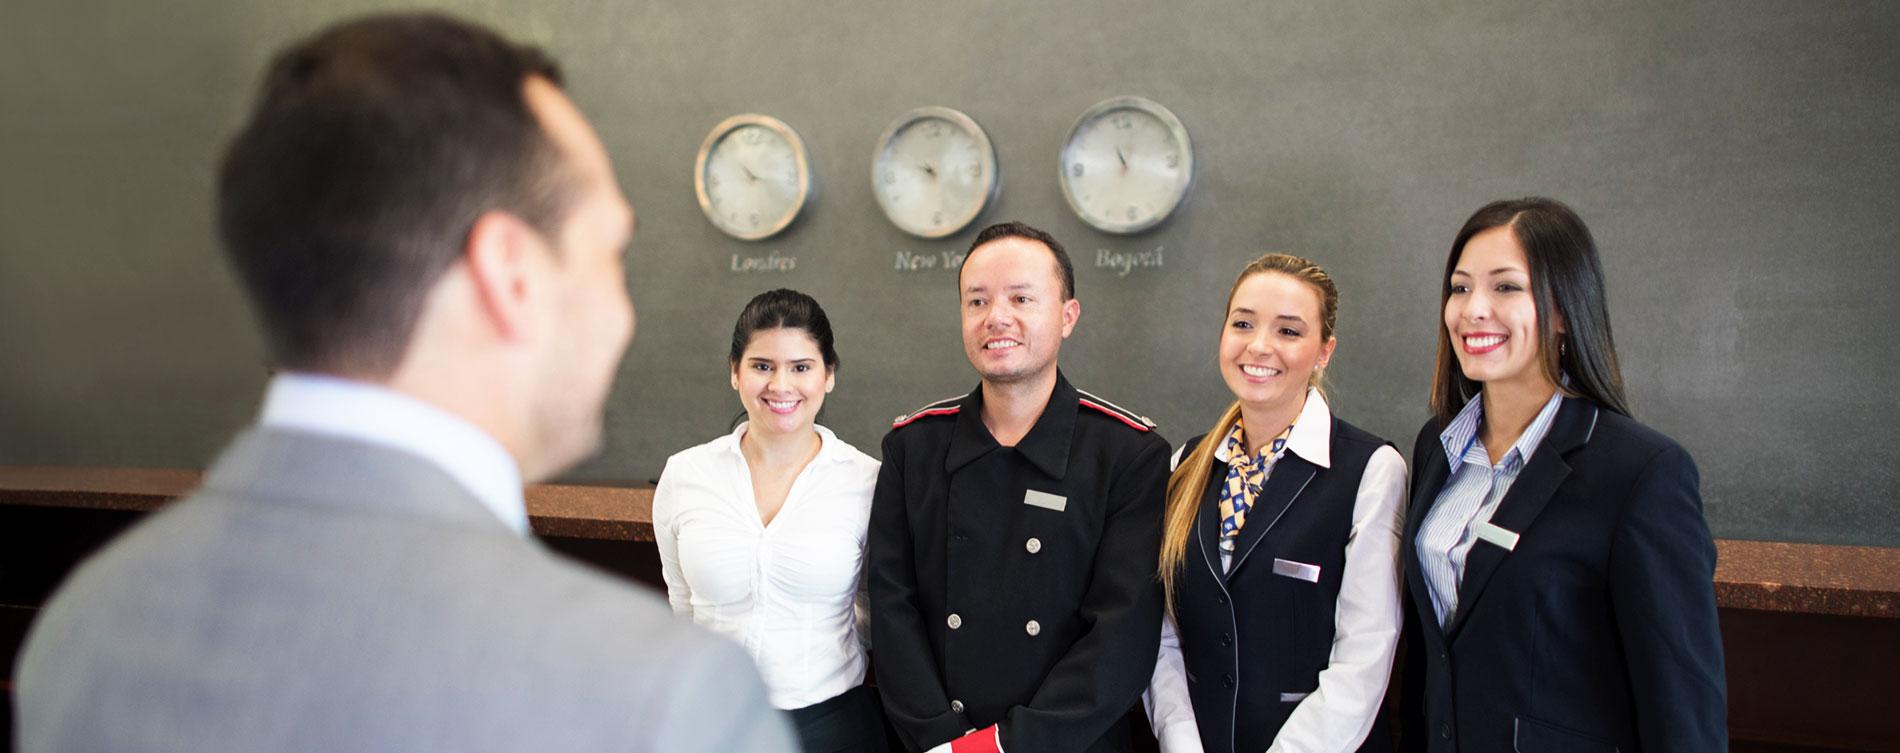 Careers at American Resort Management